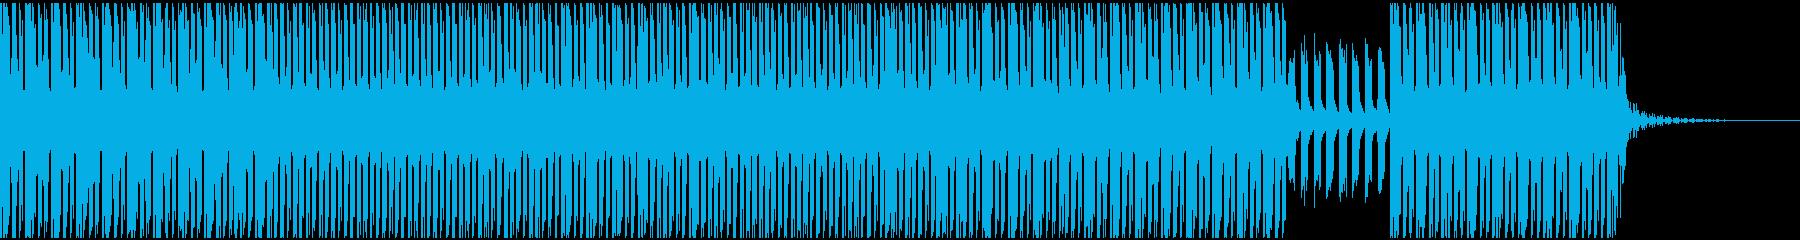 チェロのかすれ音(テクノベース)の再生済みの波形